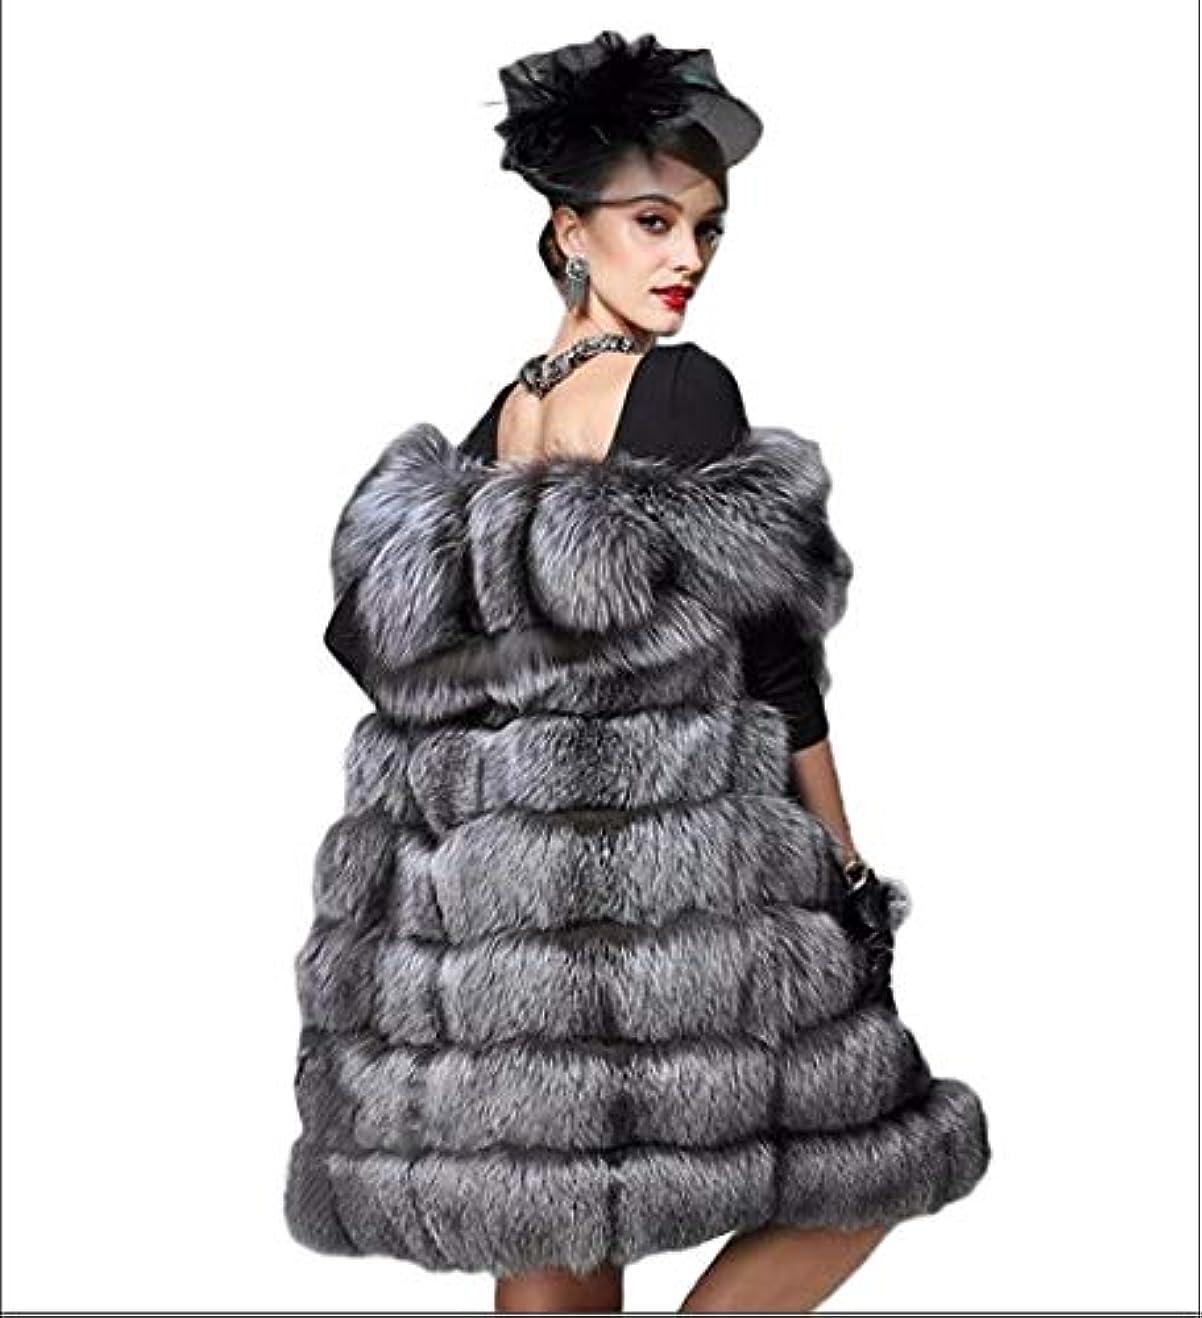 なしでシェルター膨張する女性のフェイクファーベストベストフェイクファーウォーム暖かいふわふわの高級アウターウェア秋ファッションスタイルロングスリーブステッチGilet,M